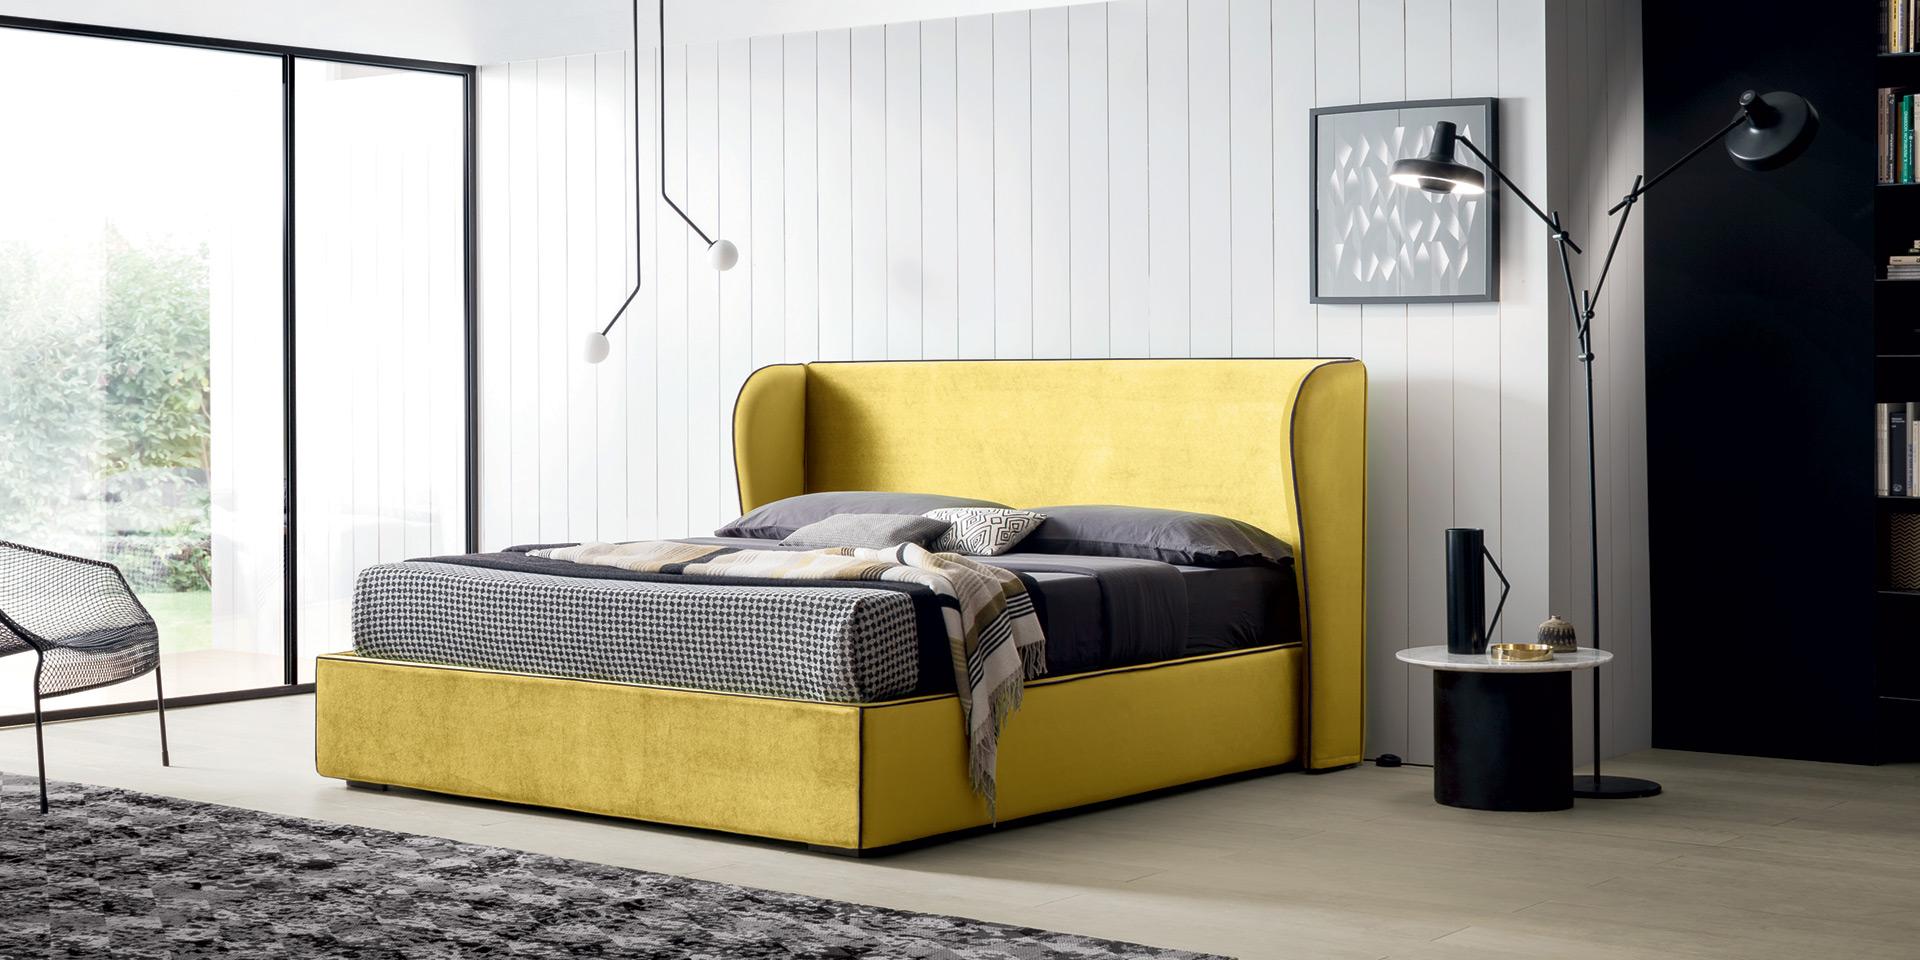 Felis produzione divani divani letto e letti for Letti divani e divani